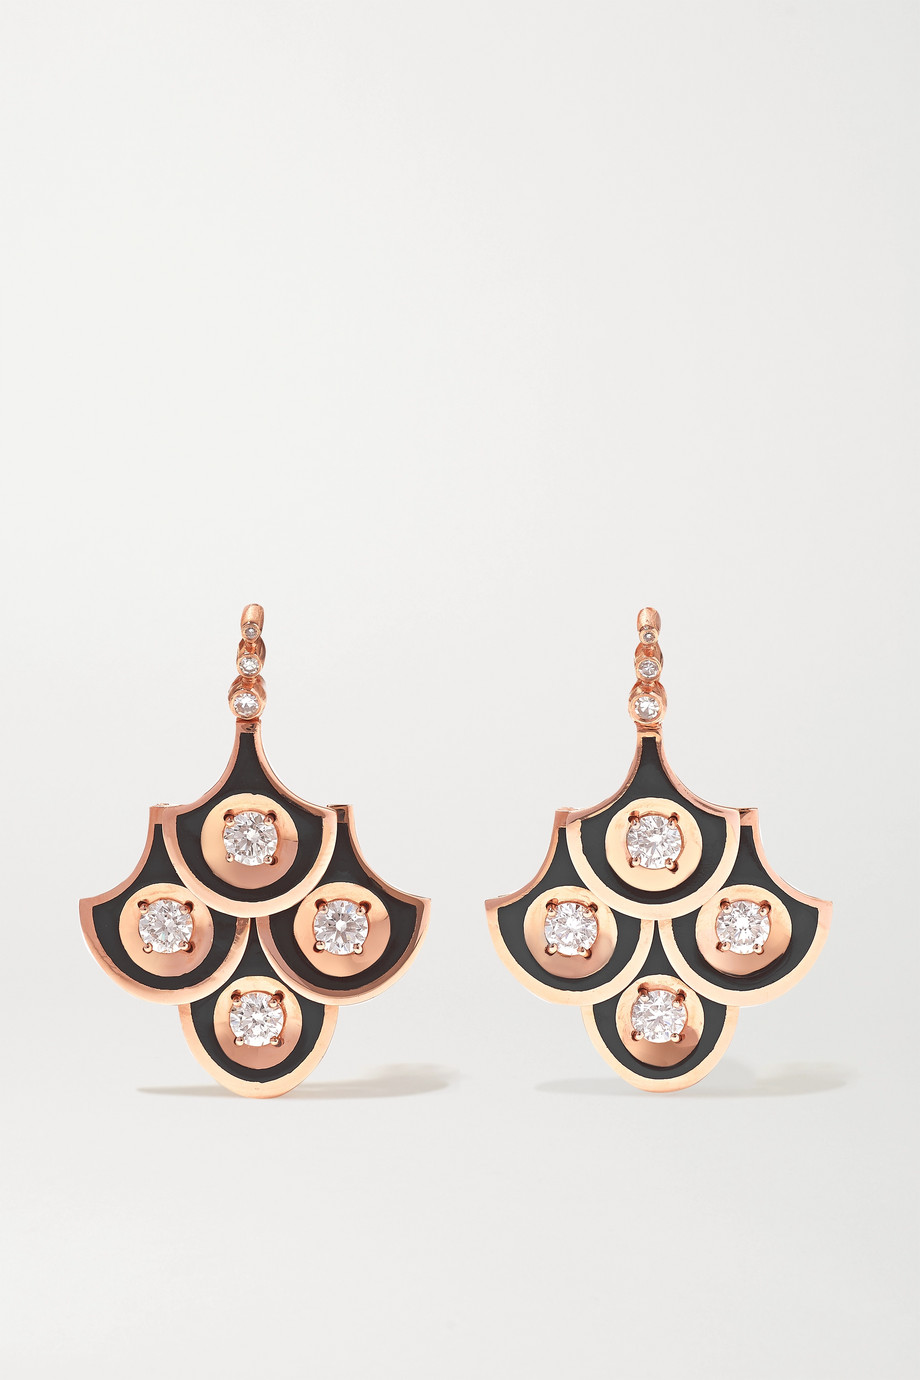 Selim Mouzannar Boucles d'oreilles en or rose 18 carats, émail et diamants Mina